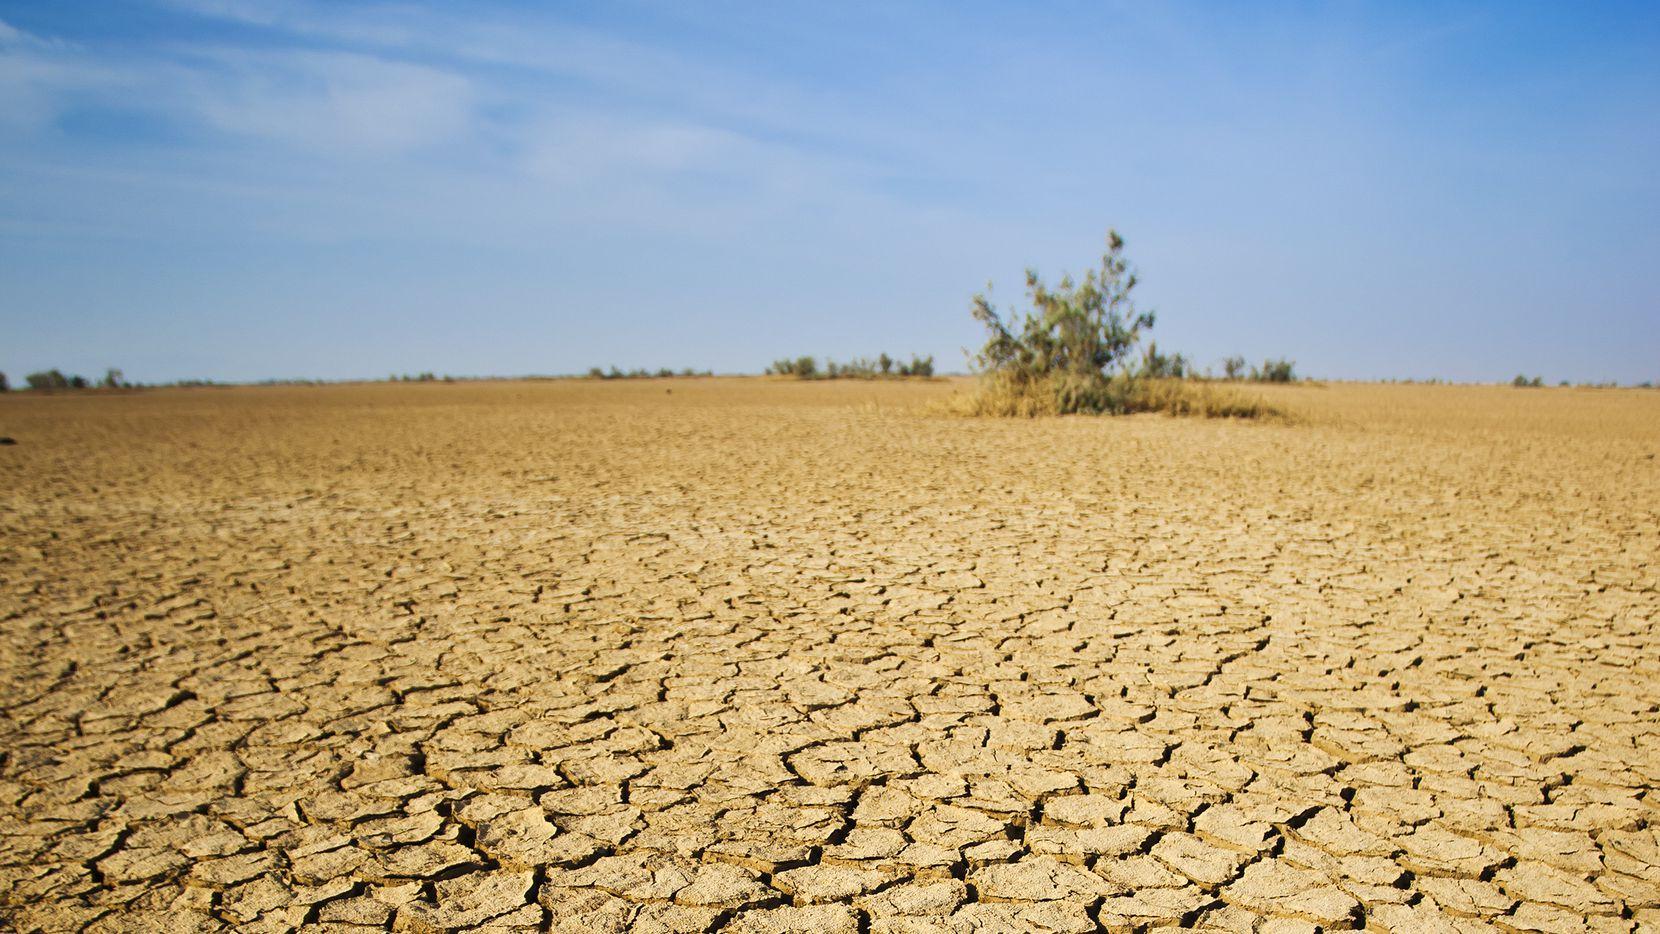 El suelo seco en un desierto en India.